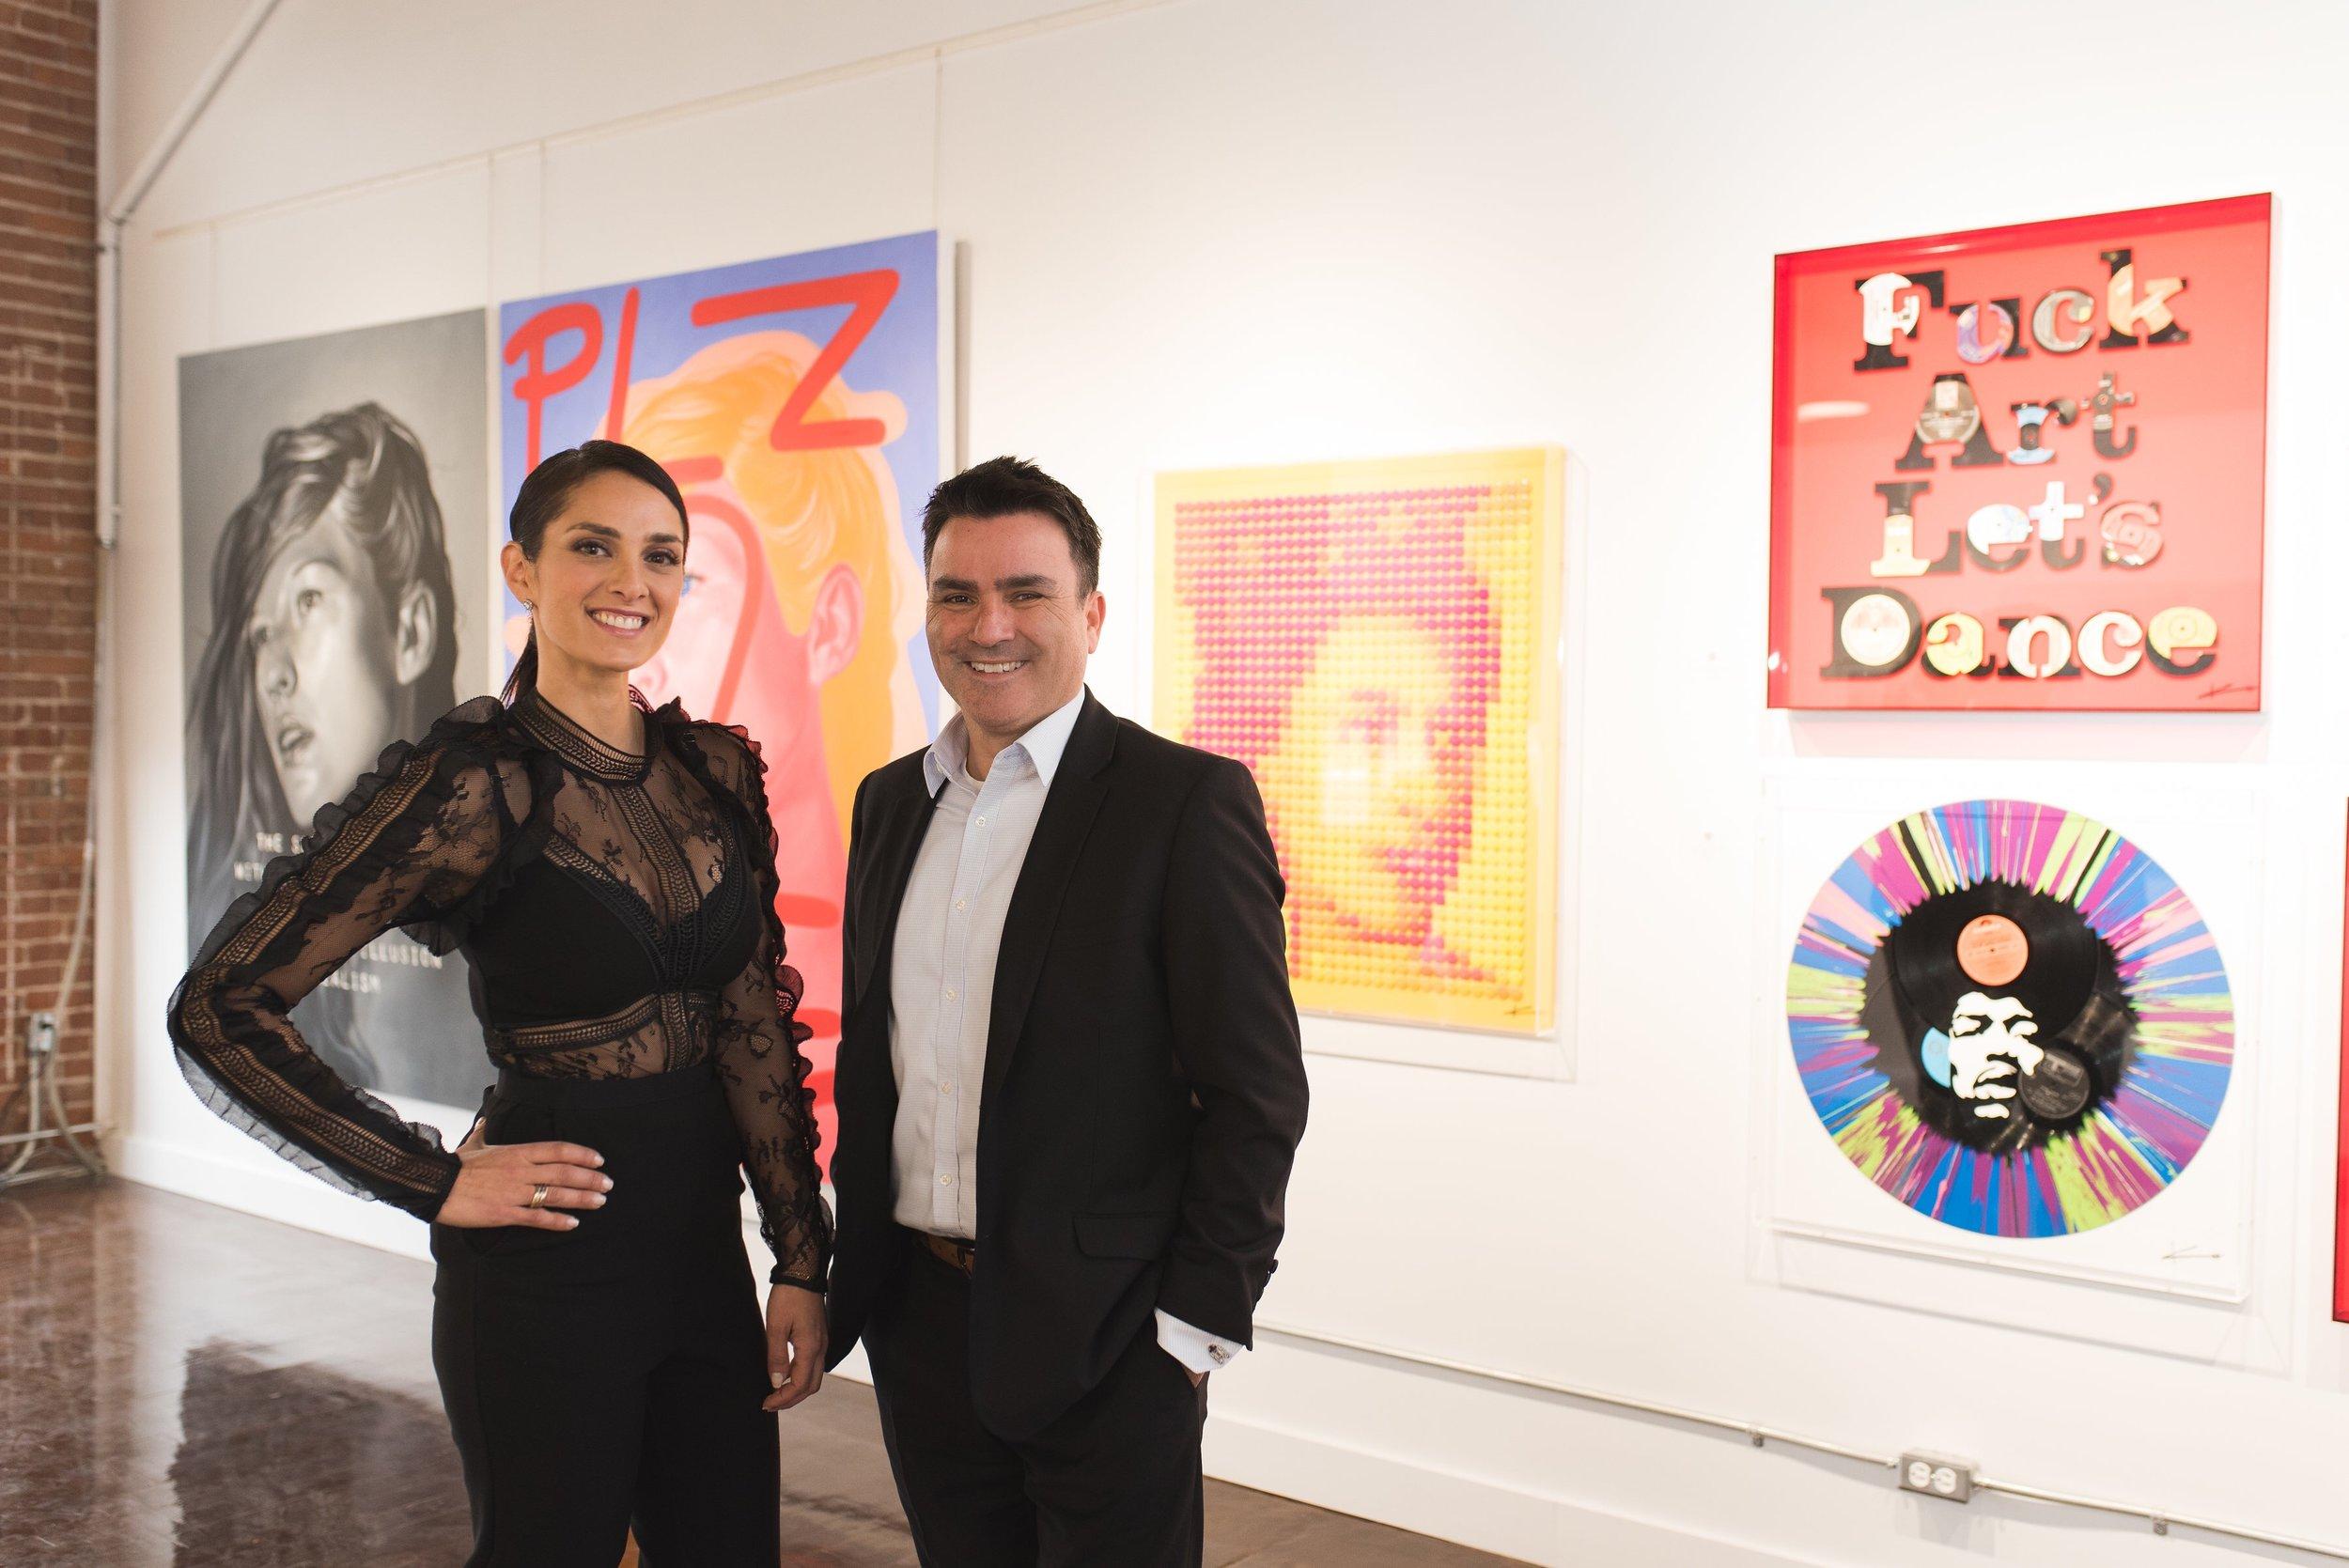 Sarah Mashaal et Andres Duran lors de l'ouverture de la galerie au printemps 2017 (photo: Christina Esteban Photography)